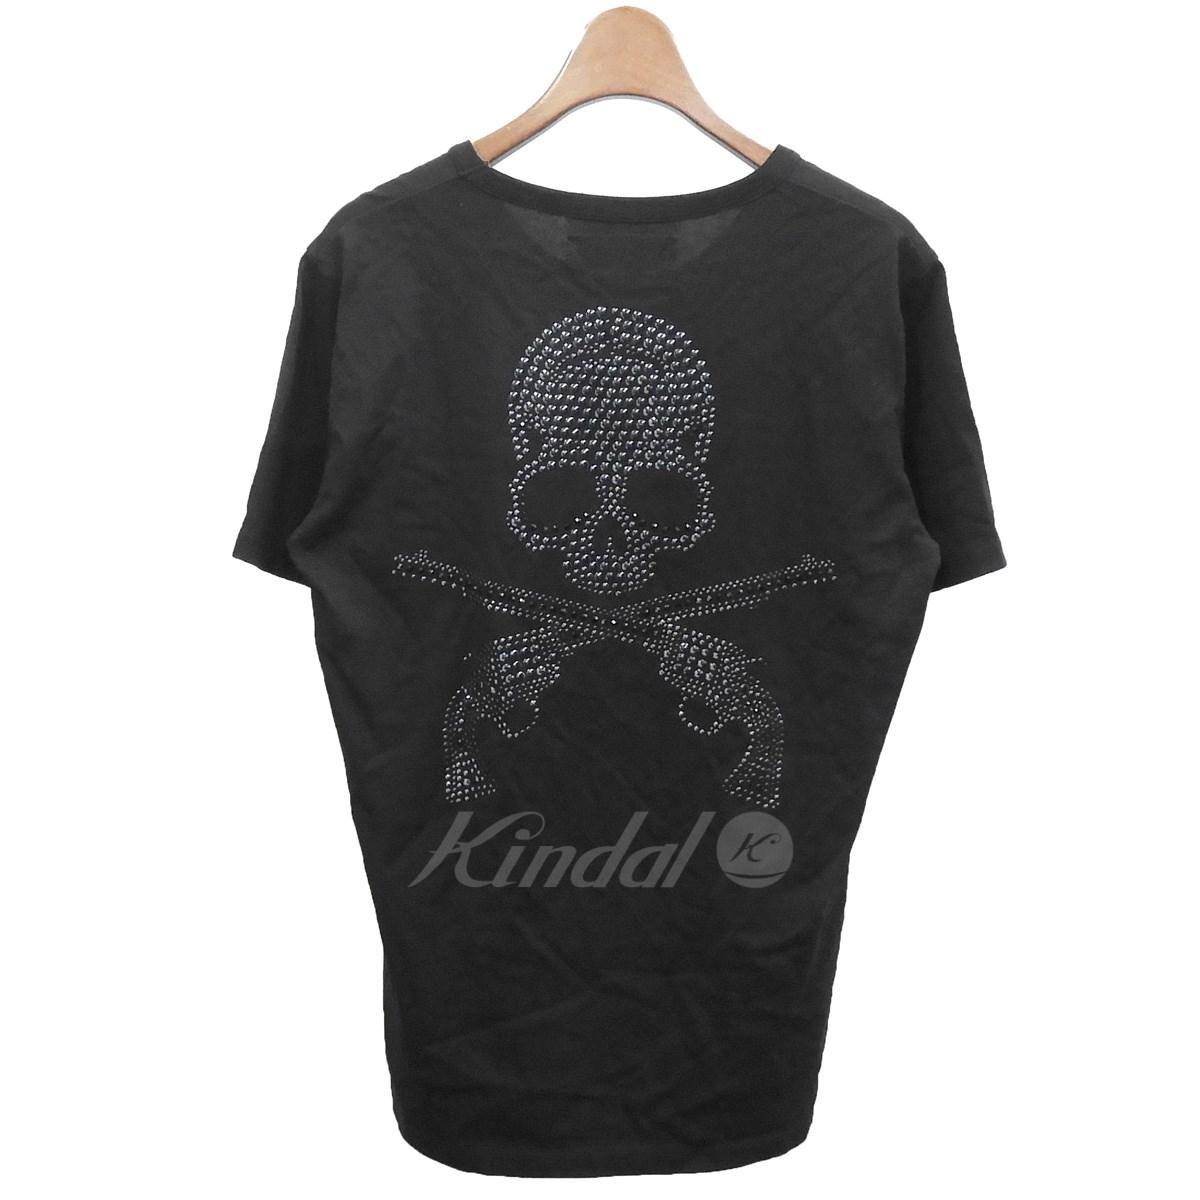 【中古】Mastermind JAPAN×roar バックメタル・スワロTシャツ ブラック サイズ:2 【送料無料】 【141018】(マスターマインドジャパン×ロアー)